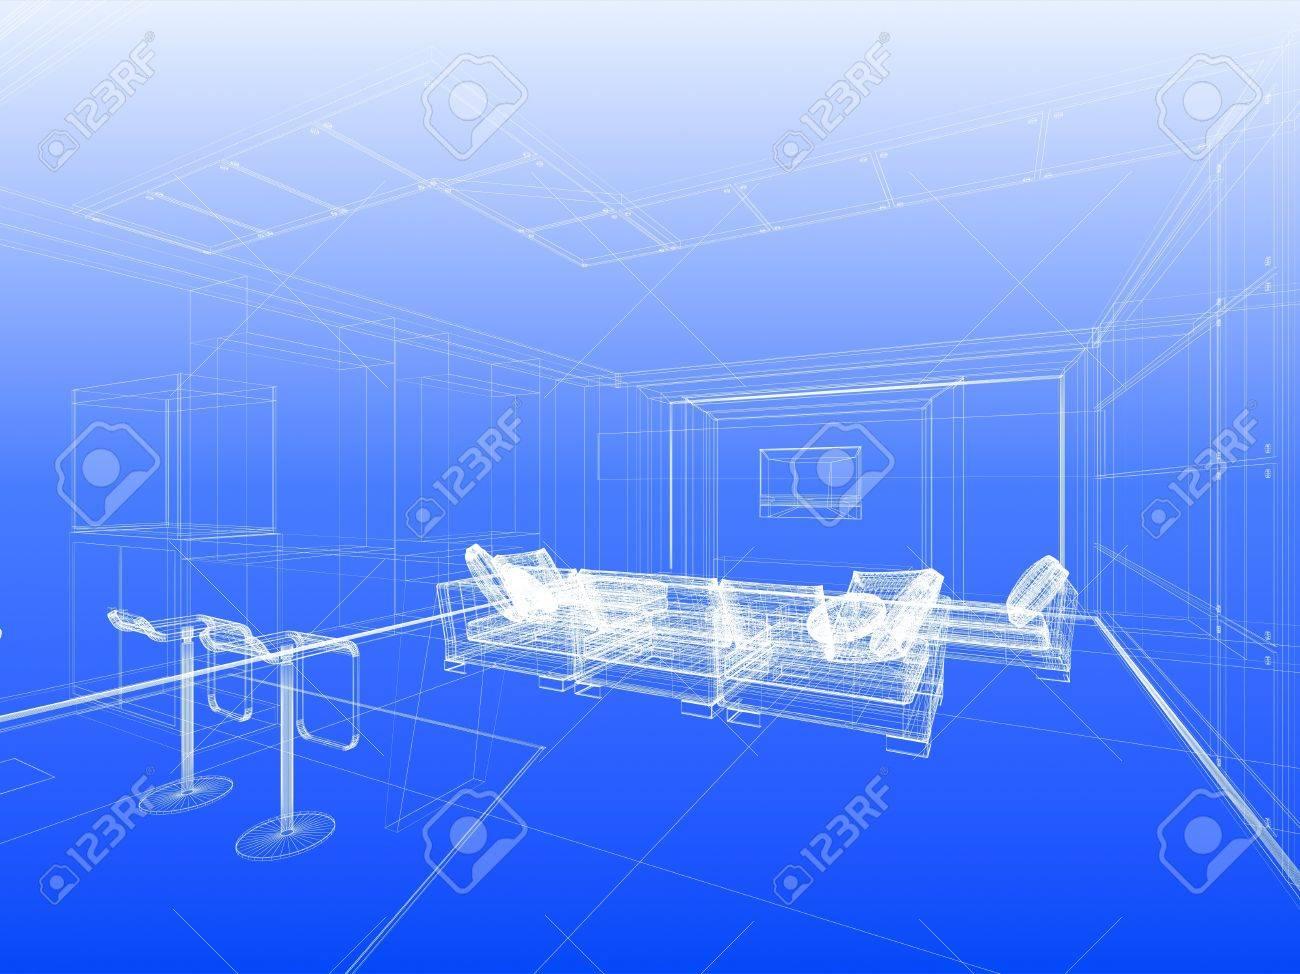 Abstract Wireframe Interieur Van Woonkamer Open Ruimte Over Blauwe ...